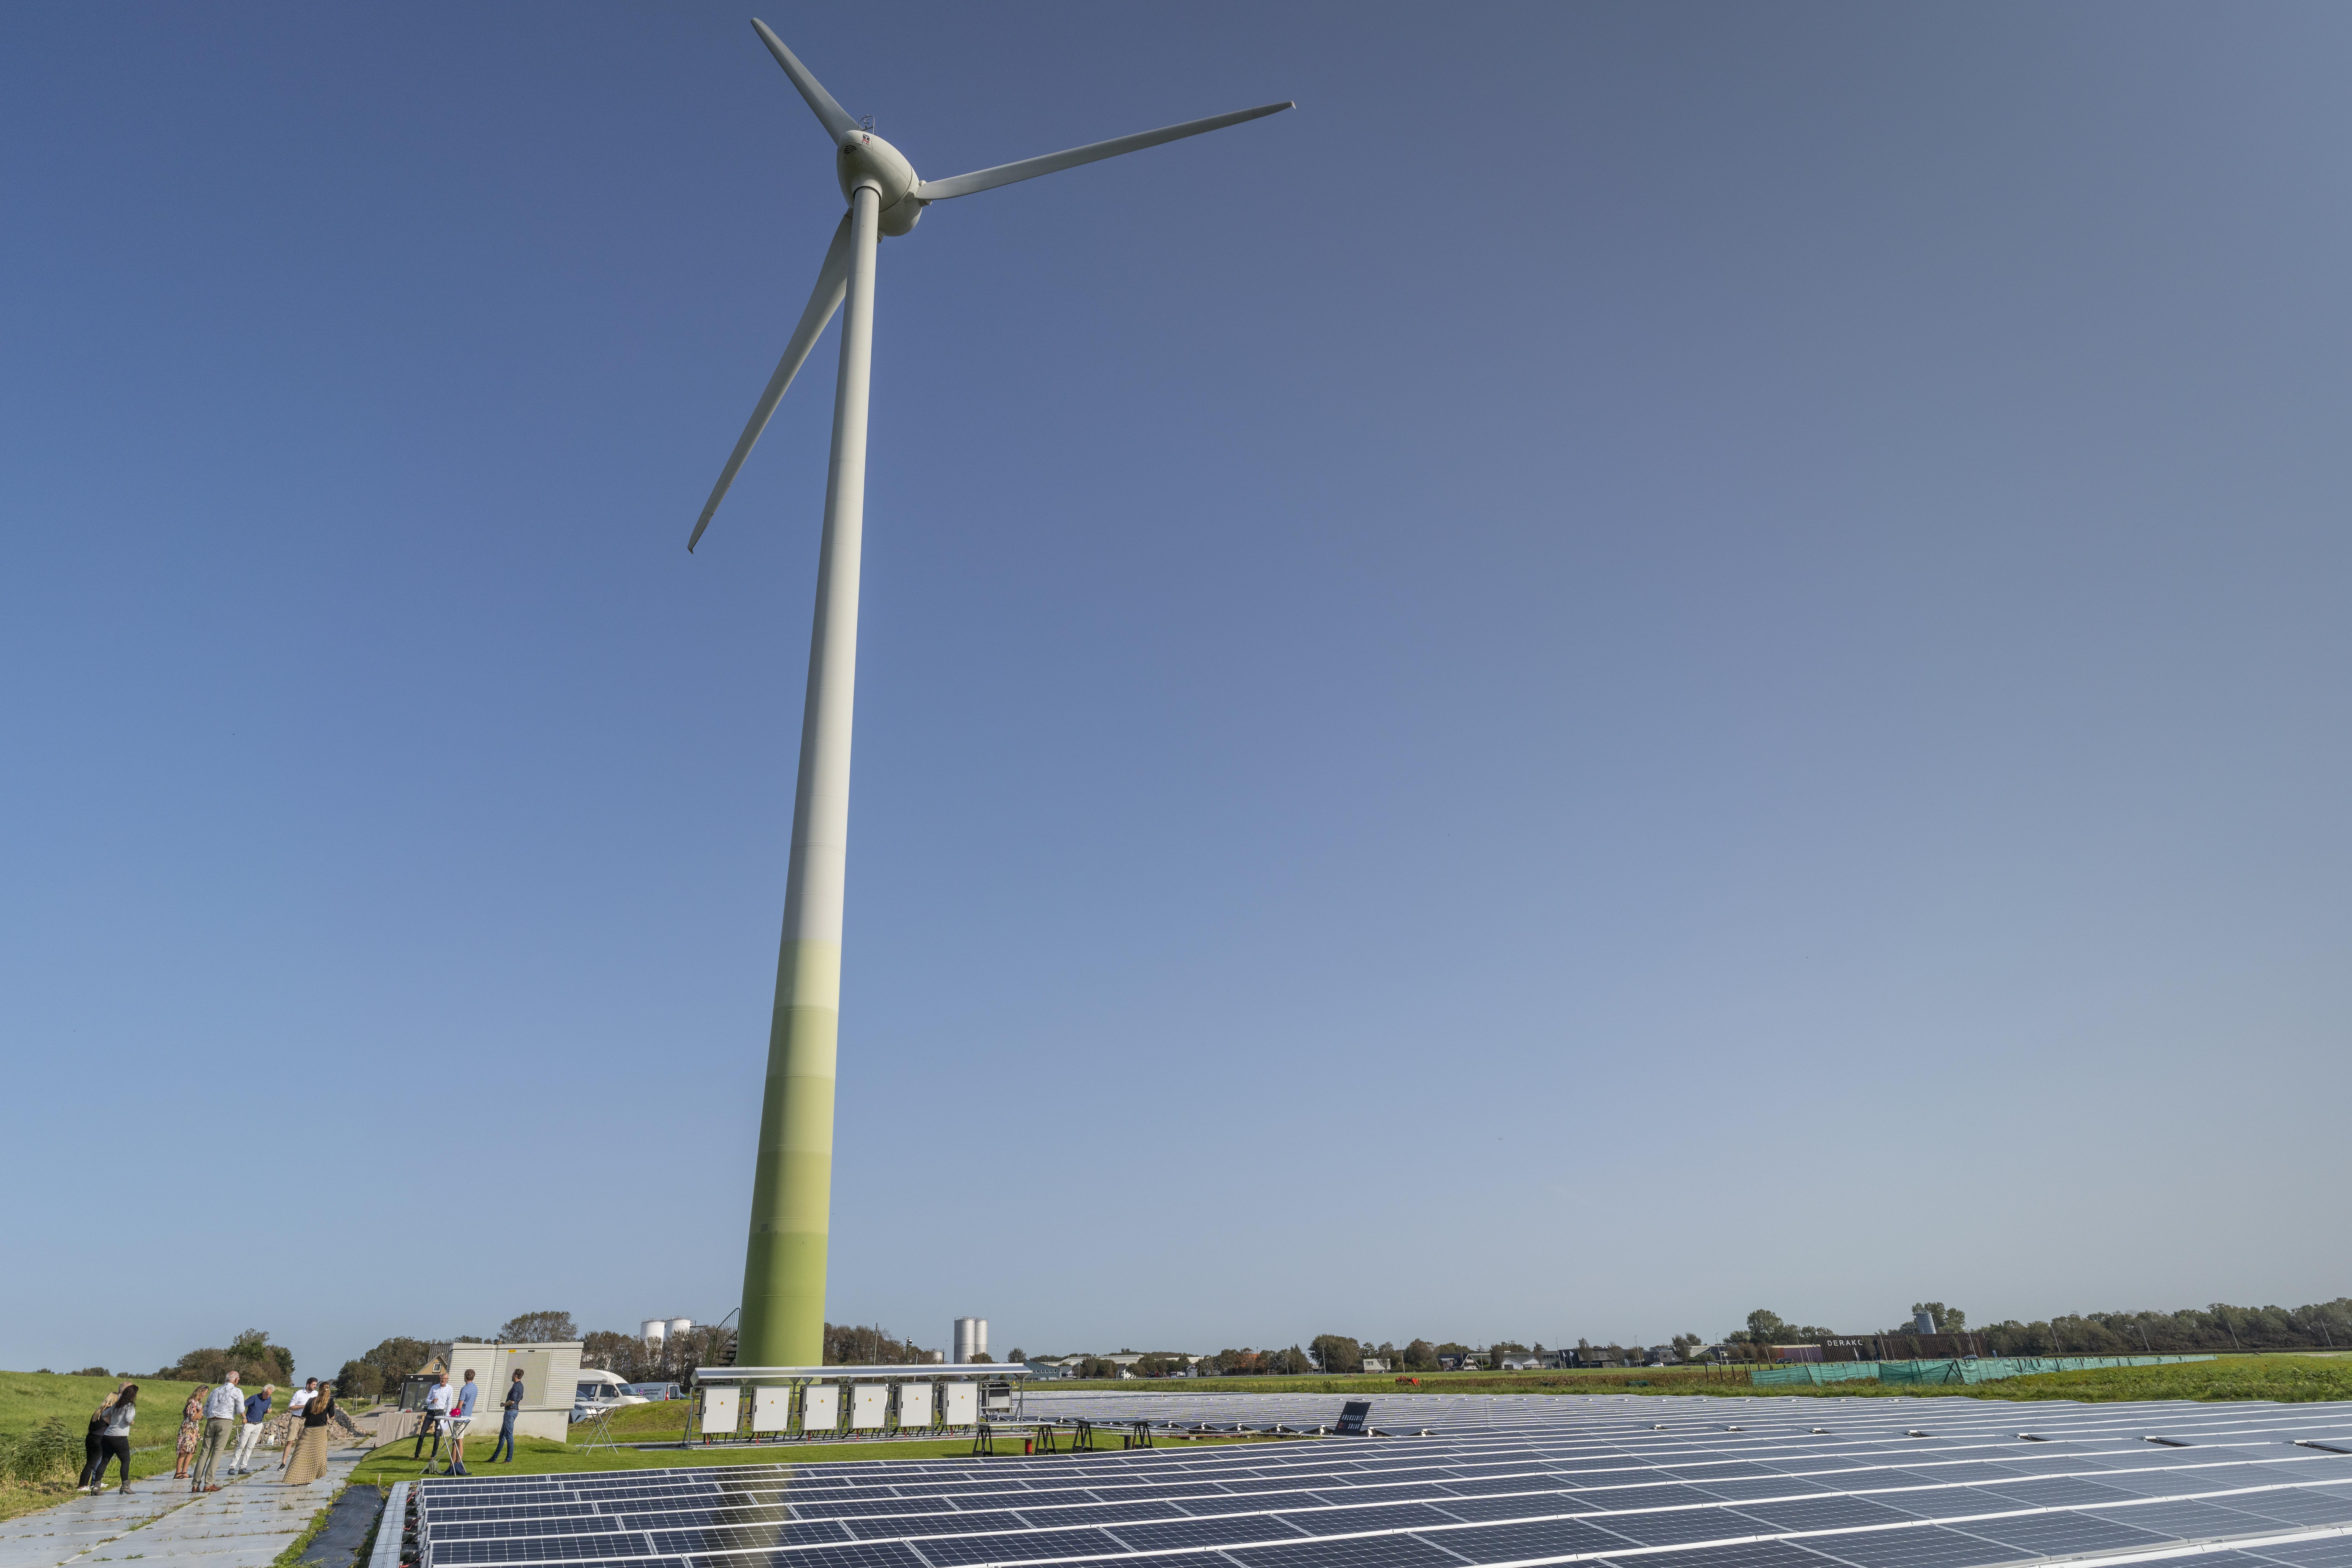 Zonneparkfonds Schagen biedt kansen voor iedereen; vergroening kan rekenen op financiële steun